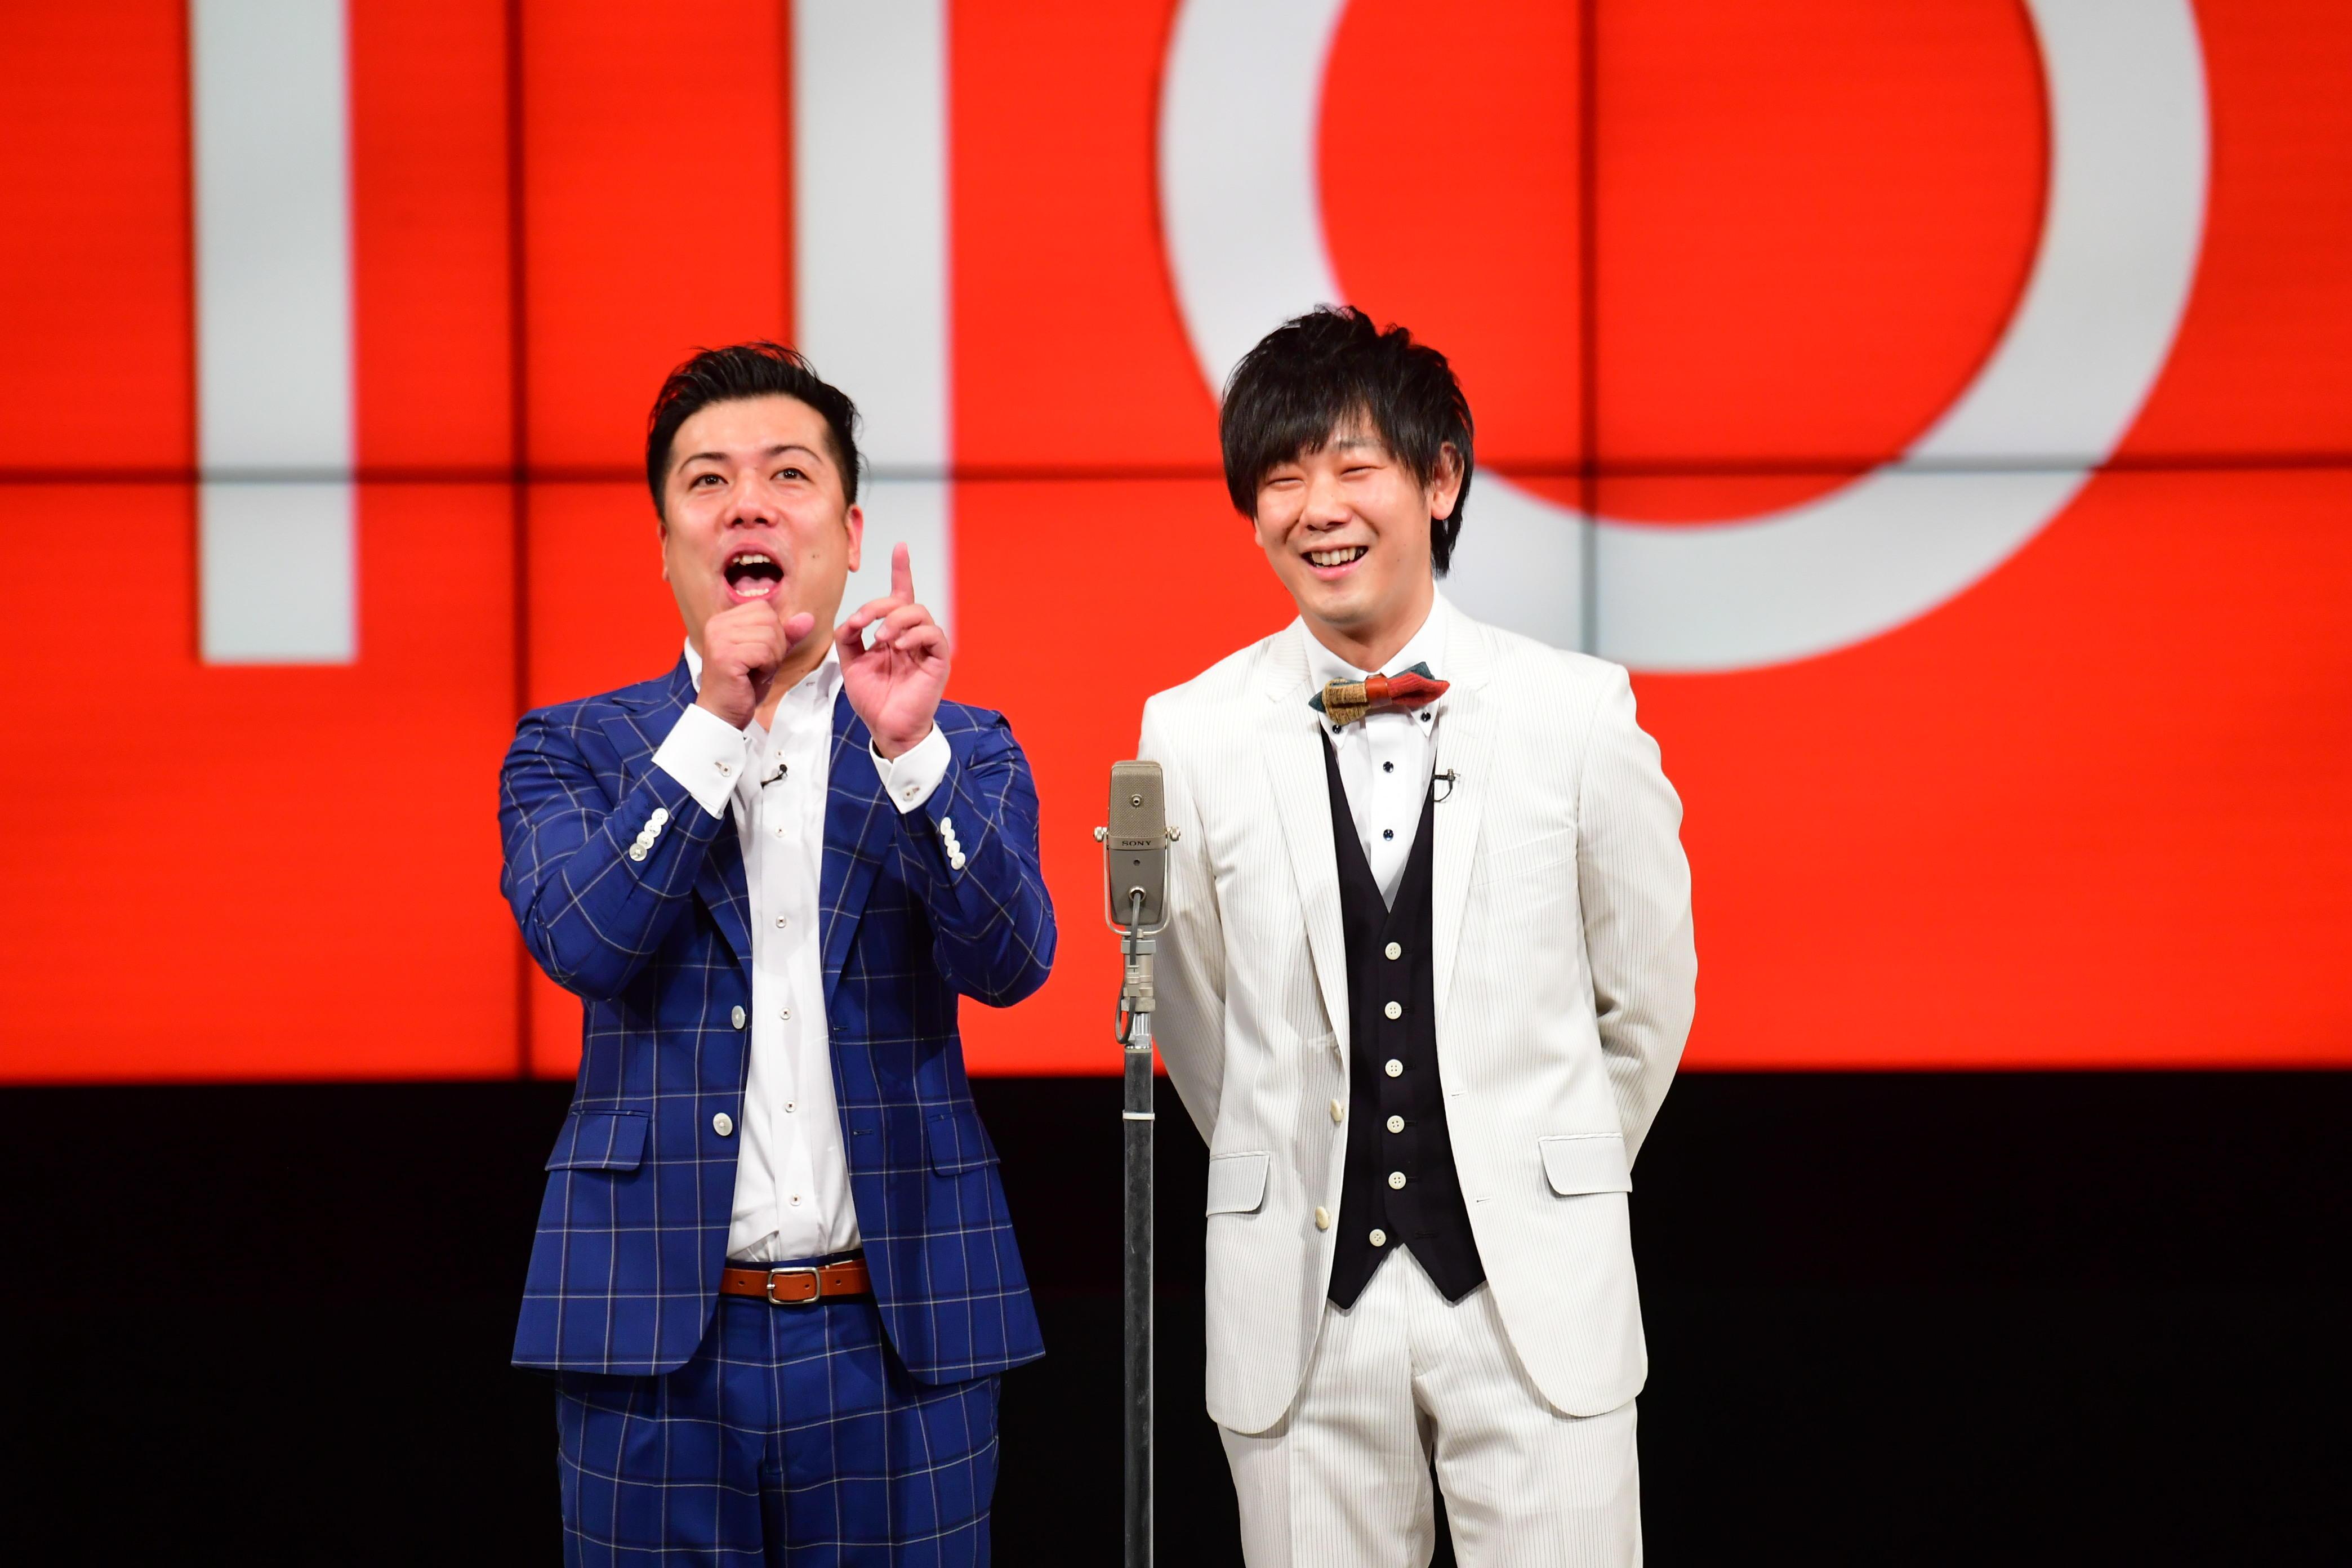 http://news.yoshimoto.co.jp/20190128191416-686327b99907f6c14b767be3fe97c670778d8e4f.jpg